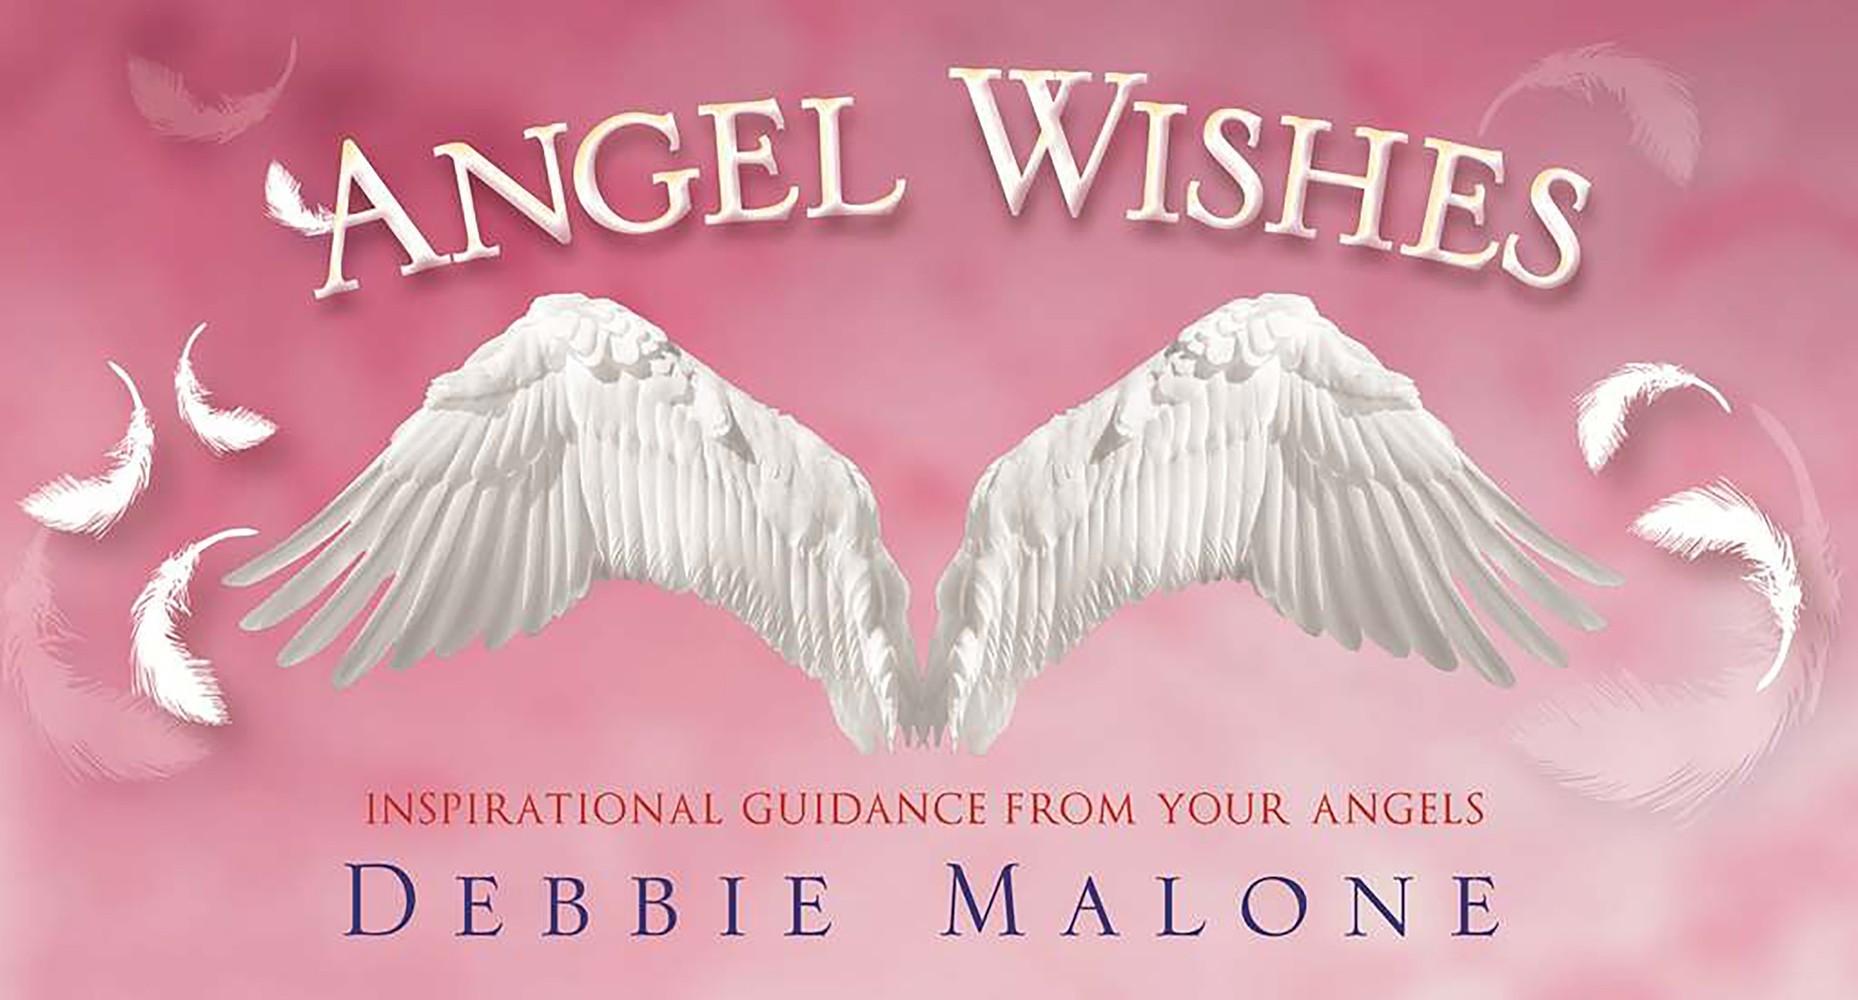 天使祈望-珠玉集:Angel Wishes.jpg